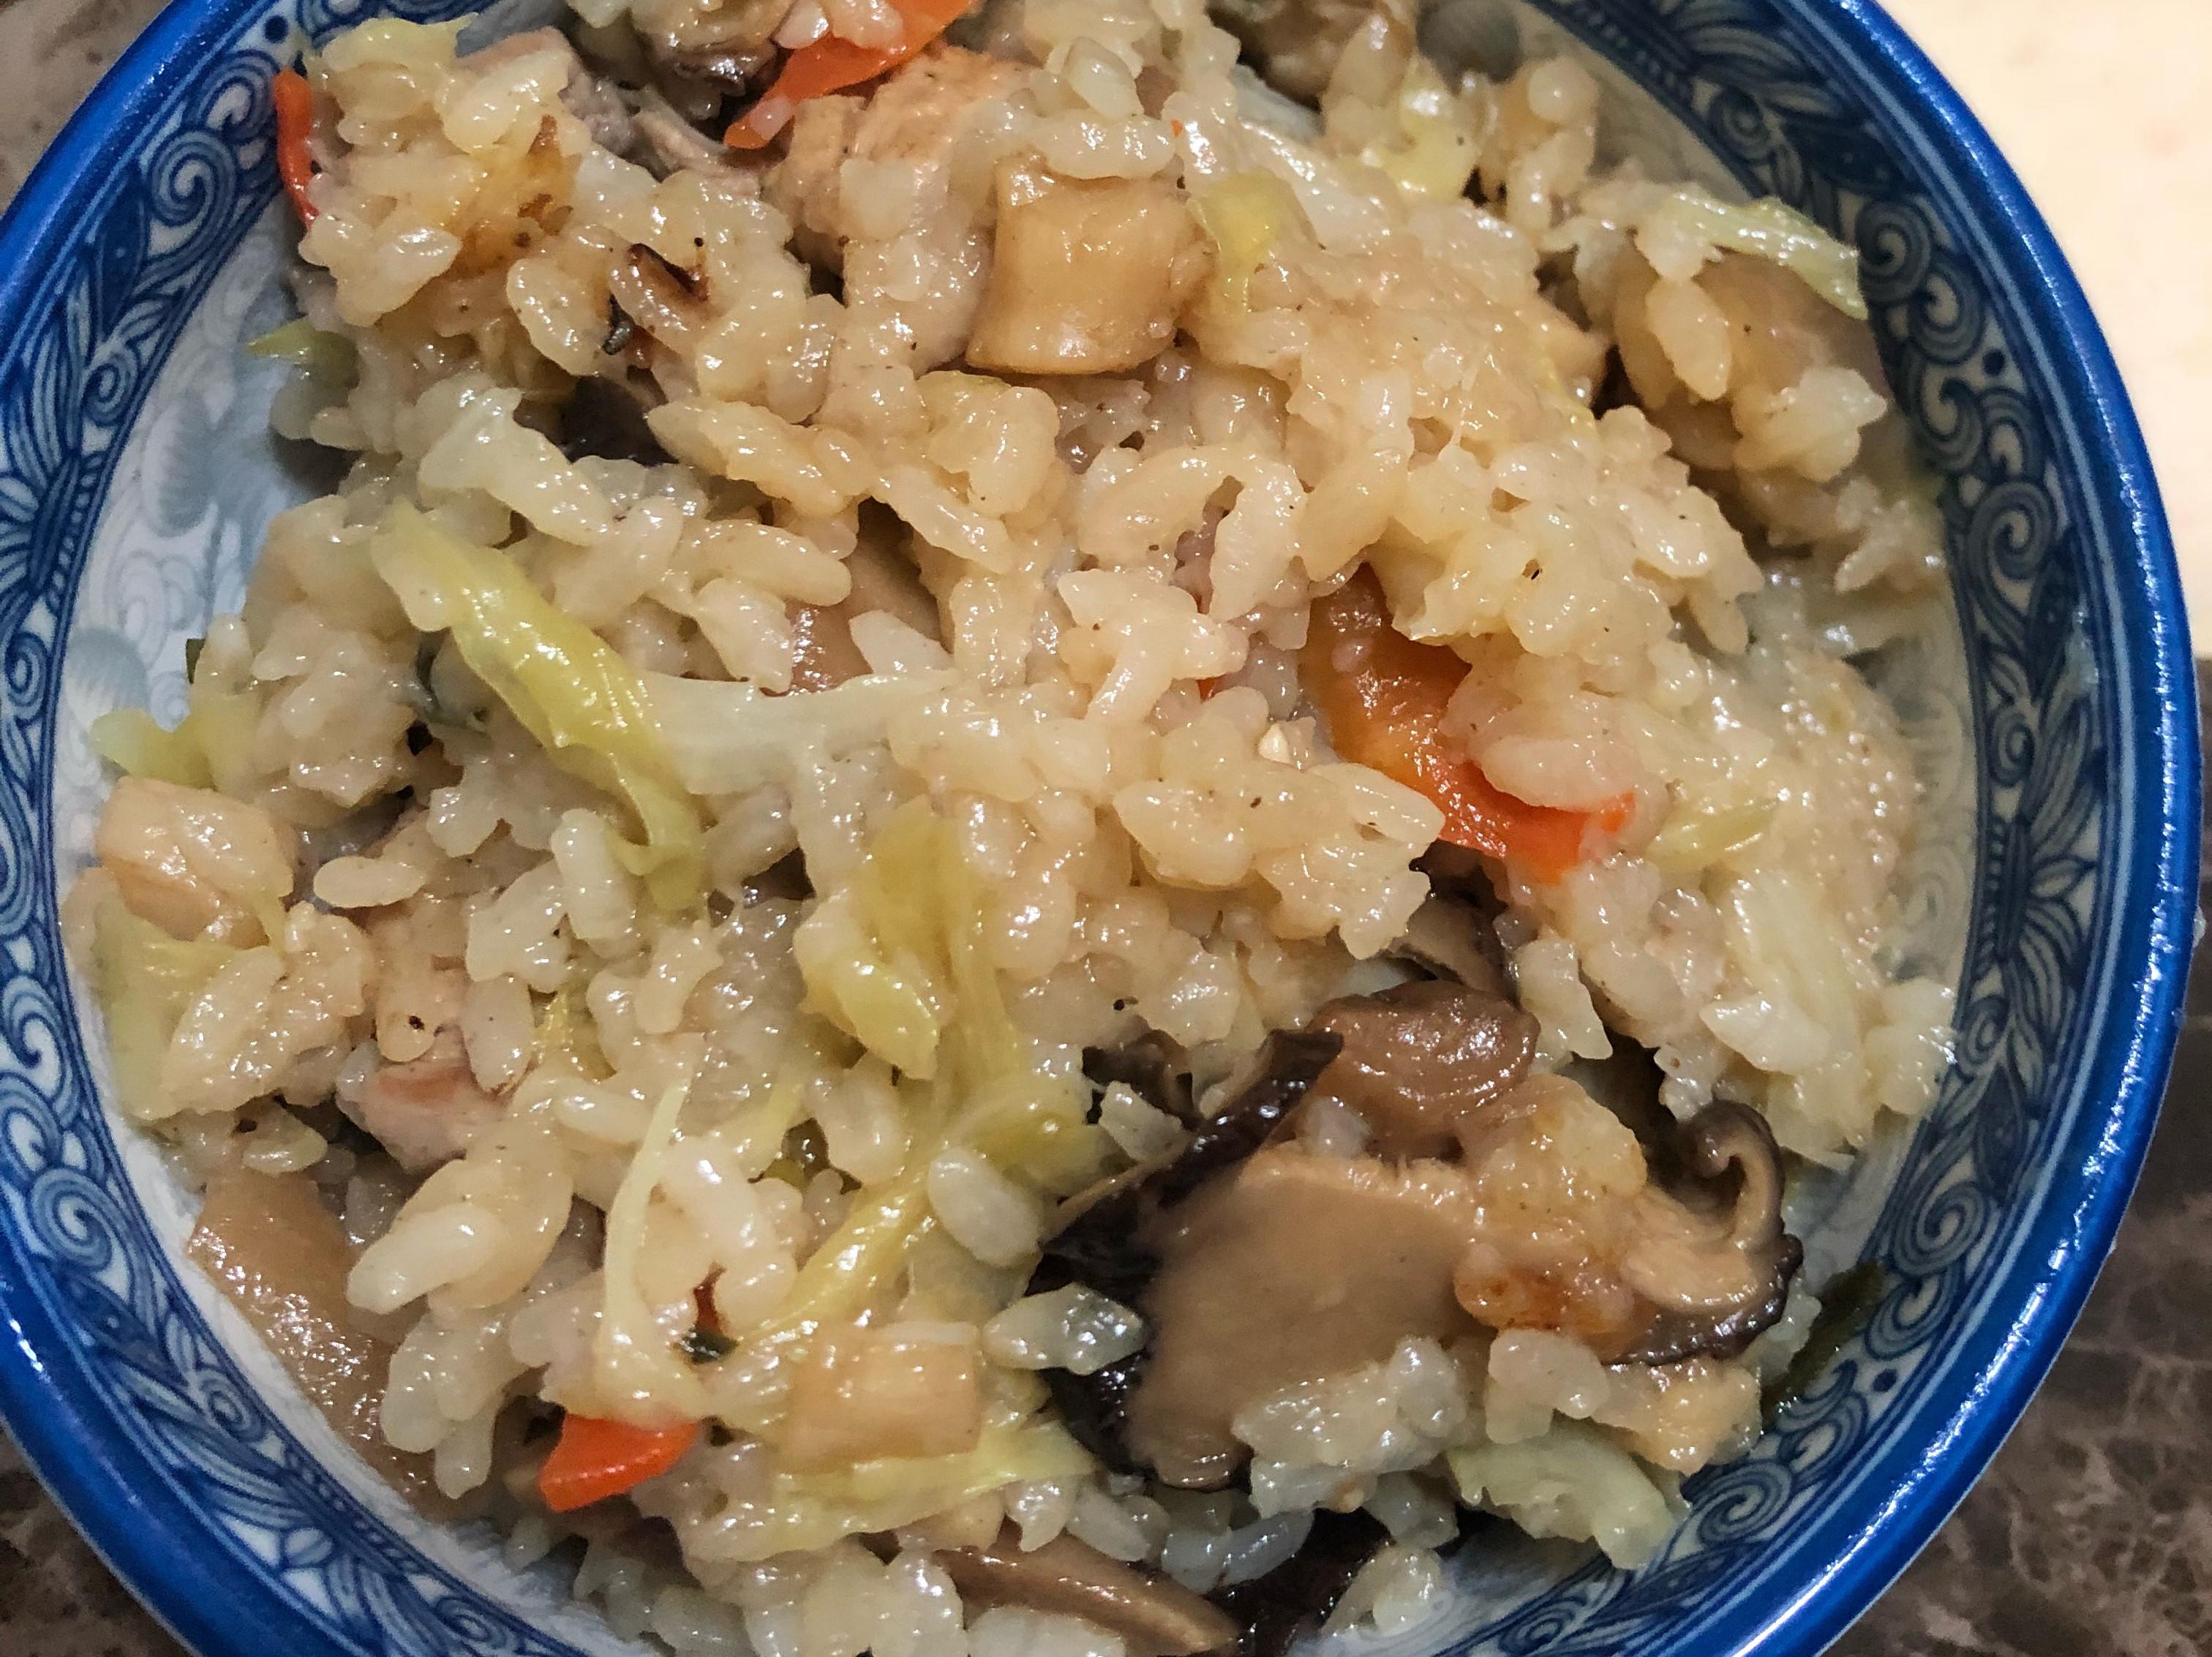 高麗菜燉飯 (家鄉味鹹飯)(電鍋版)